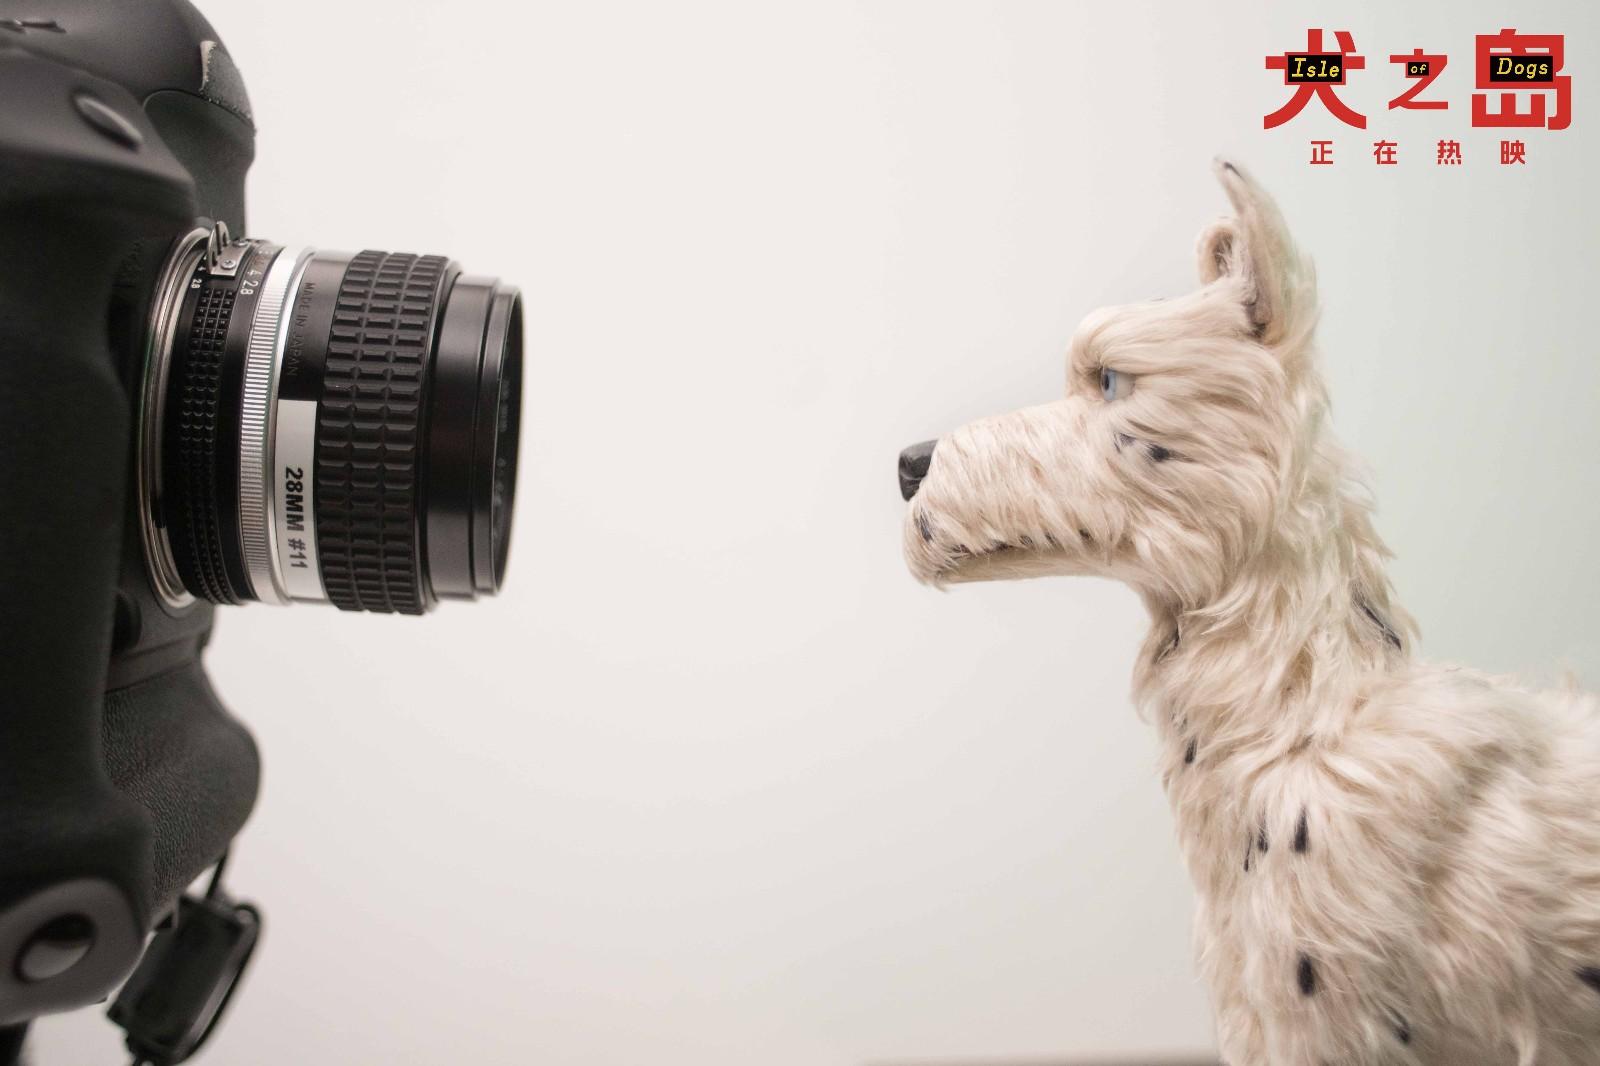 """《犬之岛》人狗相处方式引思考  幕后特辑揭露影片""""功臣"""""""